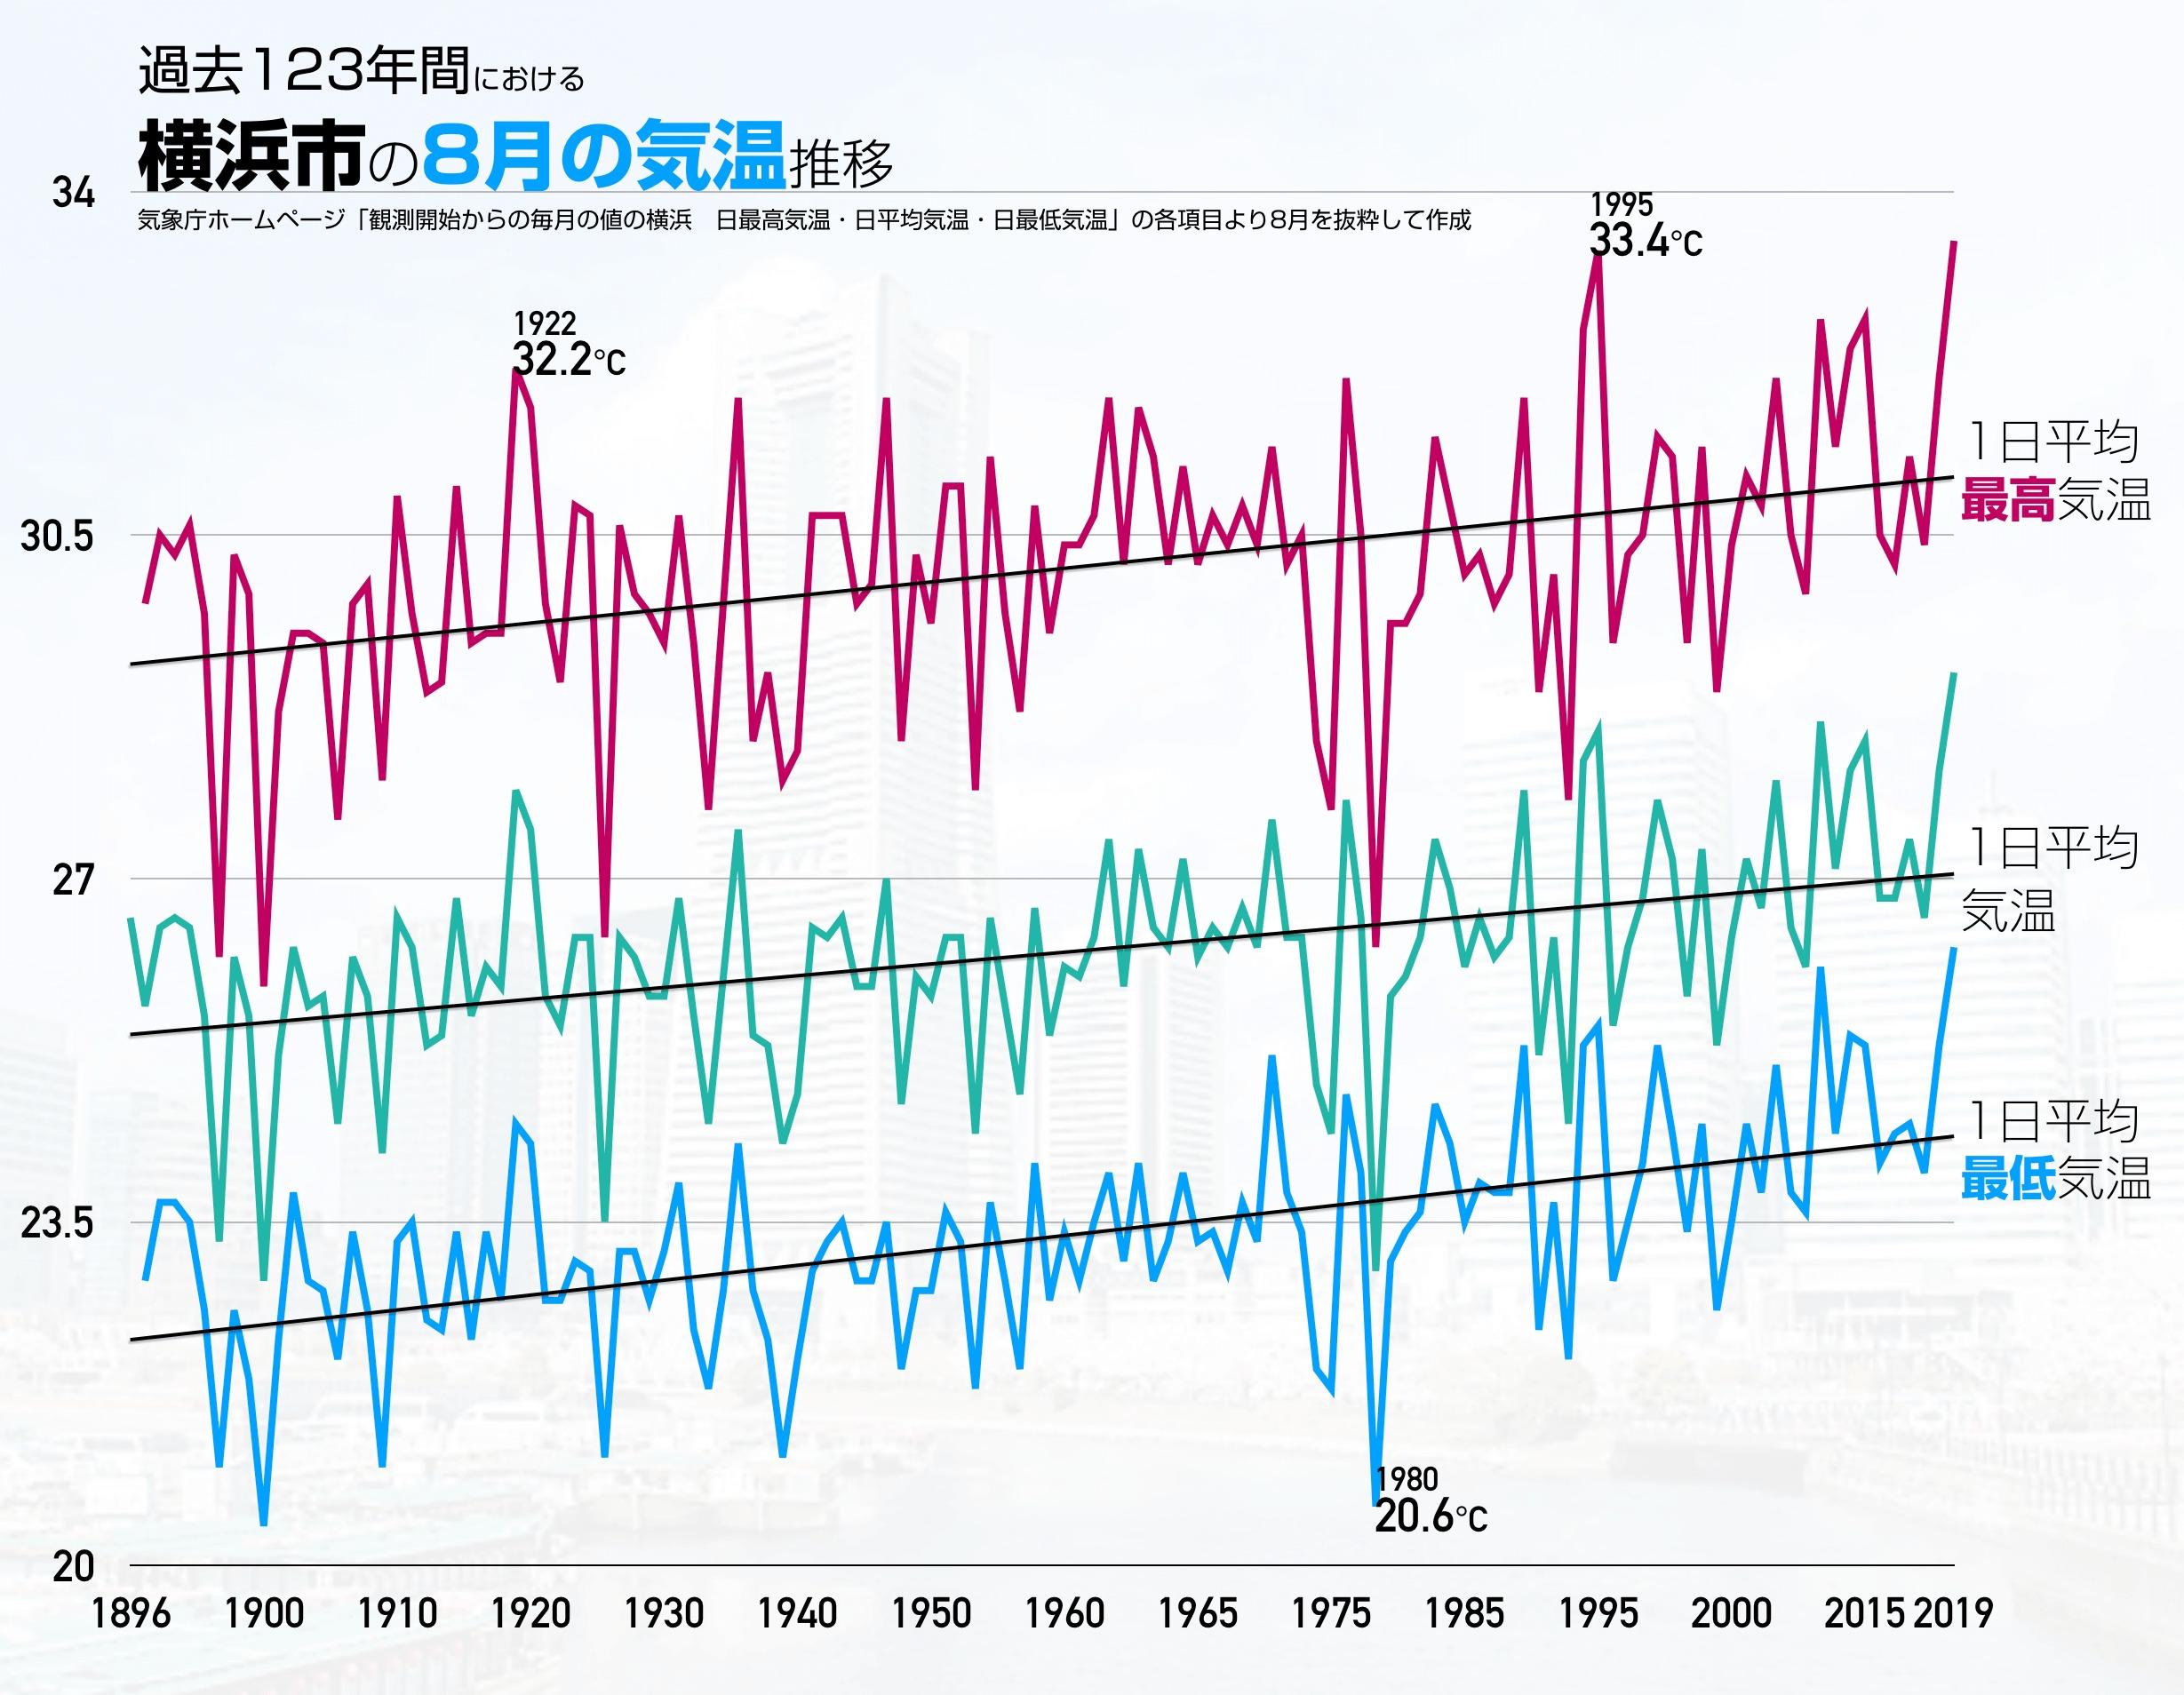 気象庁のホームページ「観測開始からの毎月の値」について、横浜の観測所のデータから8月を抜粋して作成したグラフ